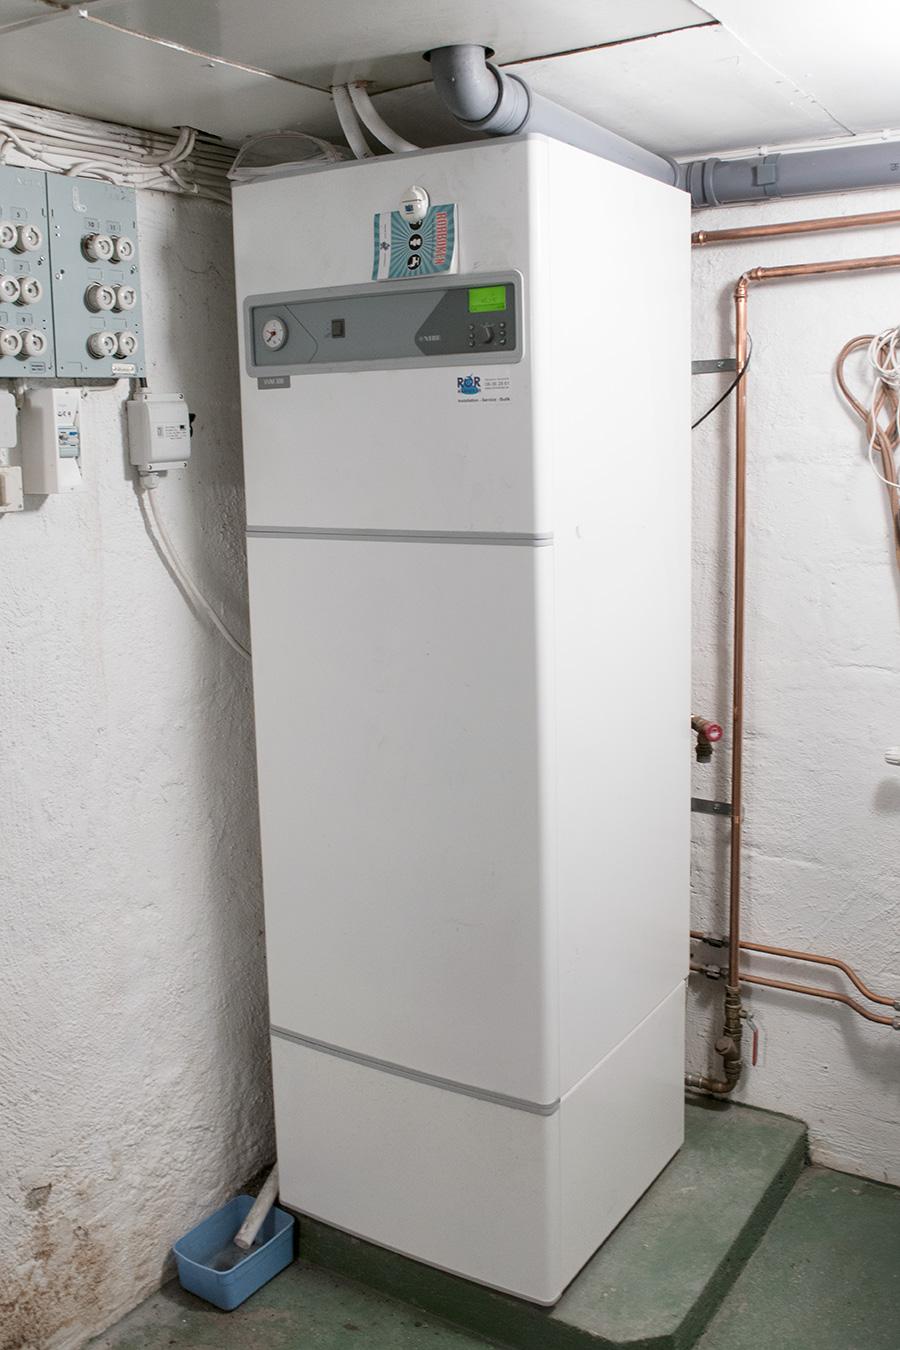 Inredning luft vatten värmepump pris : Luft/Vatten - Rörmannen